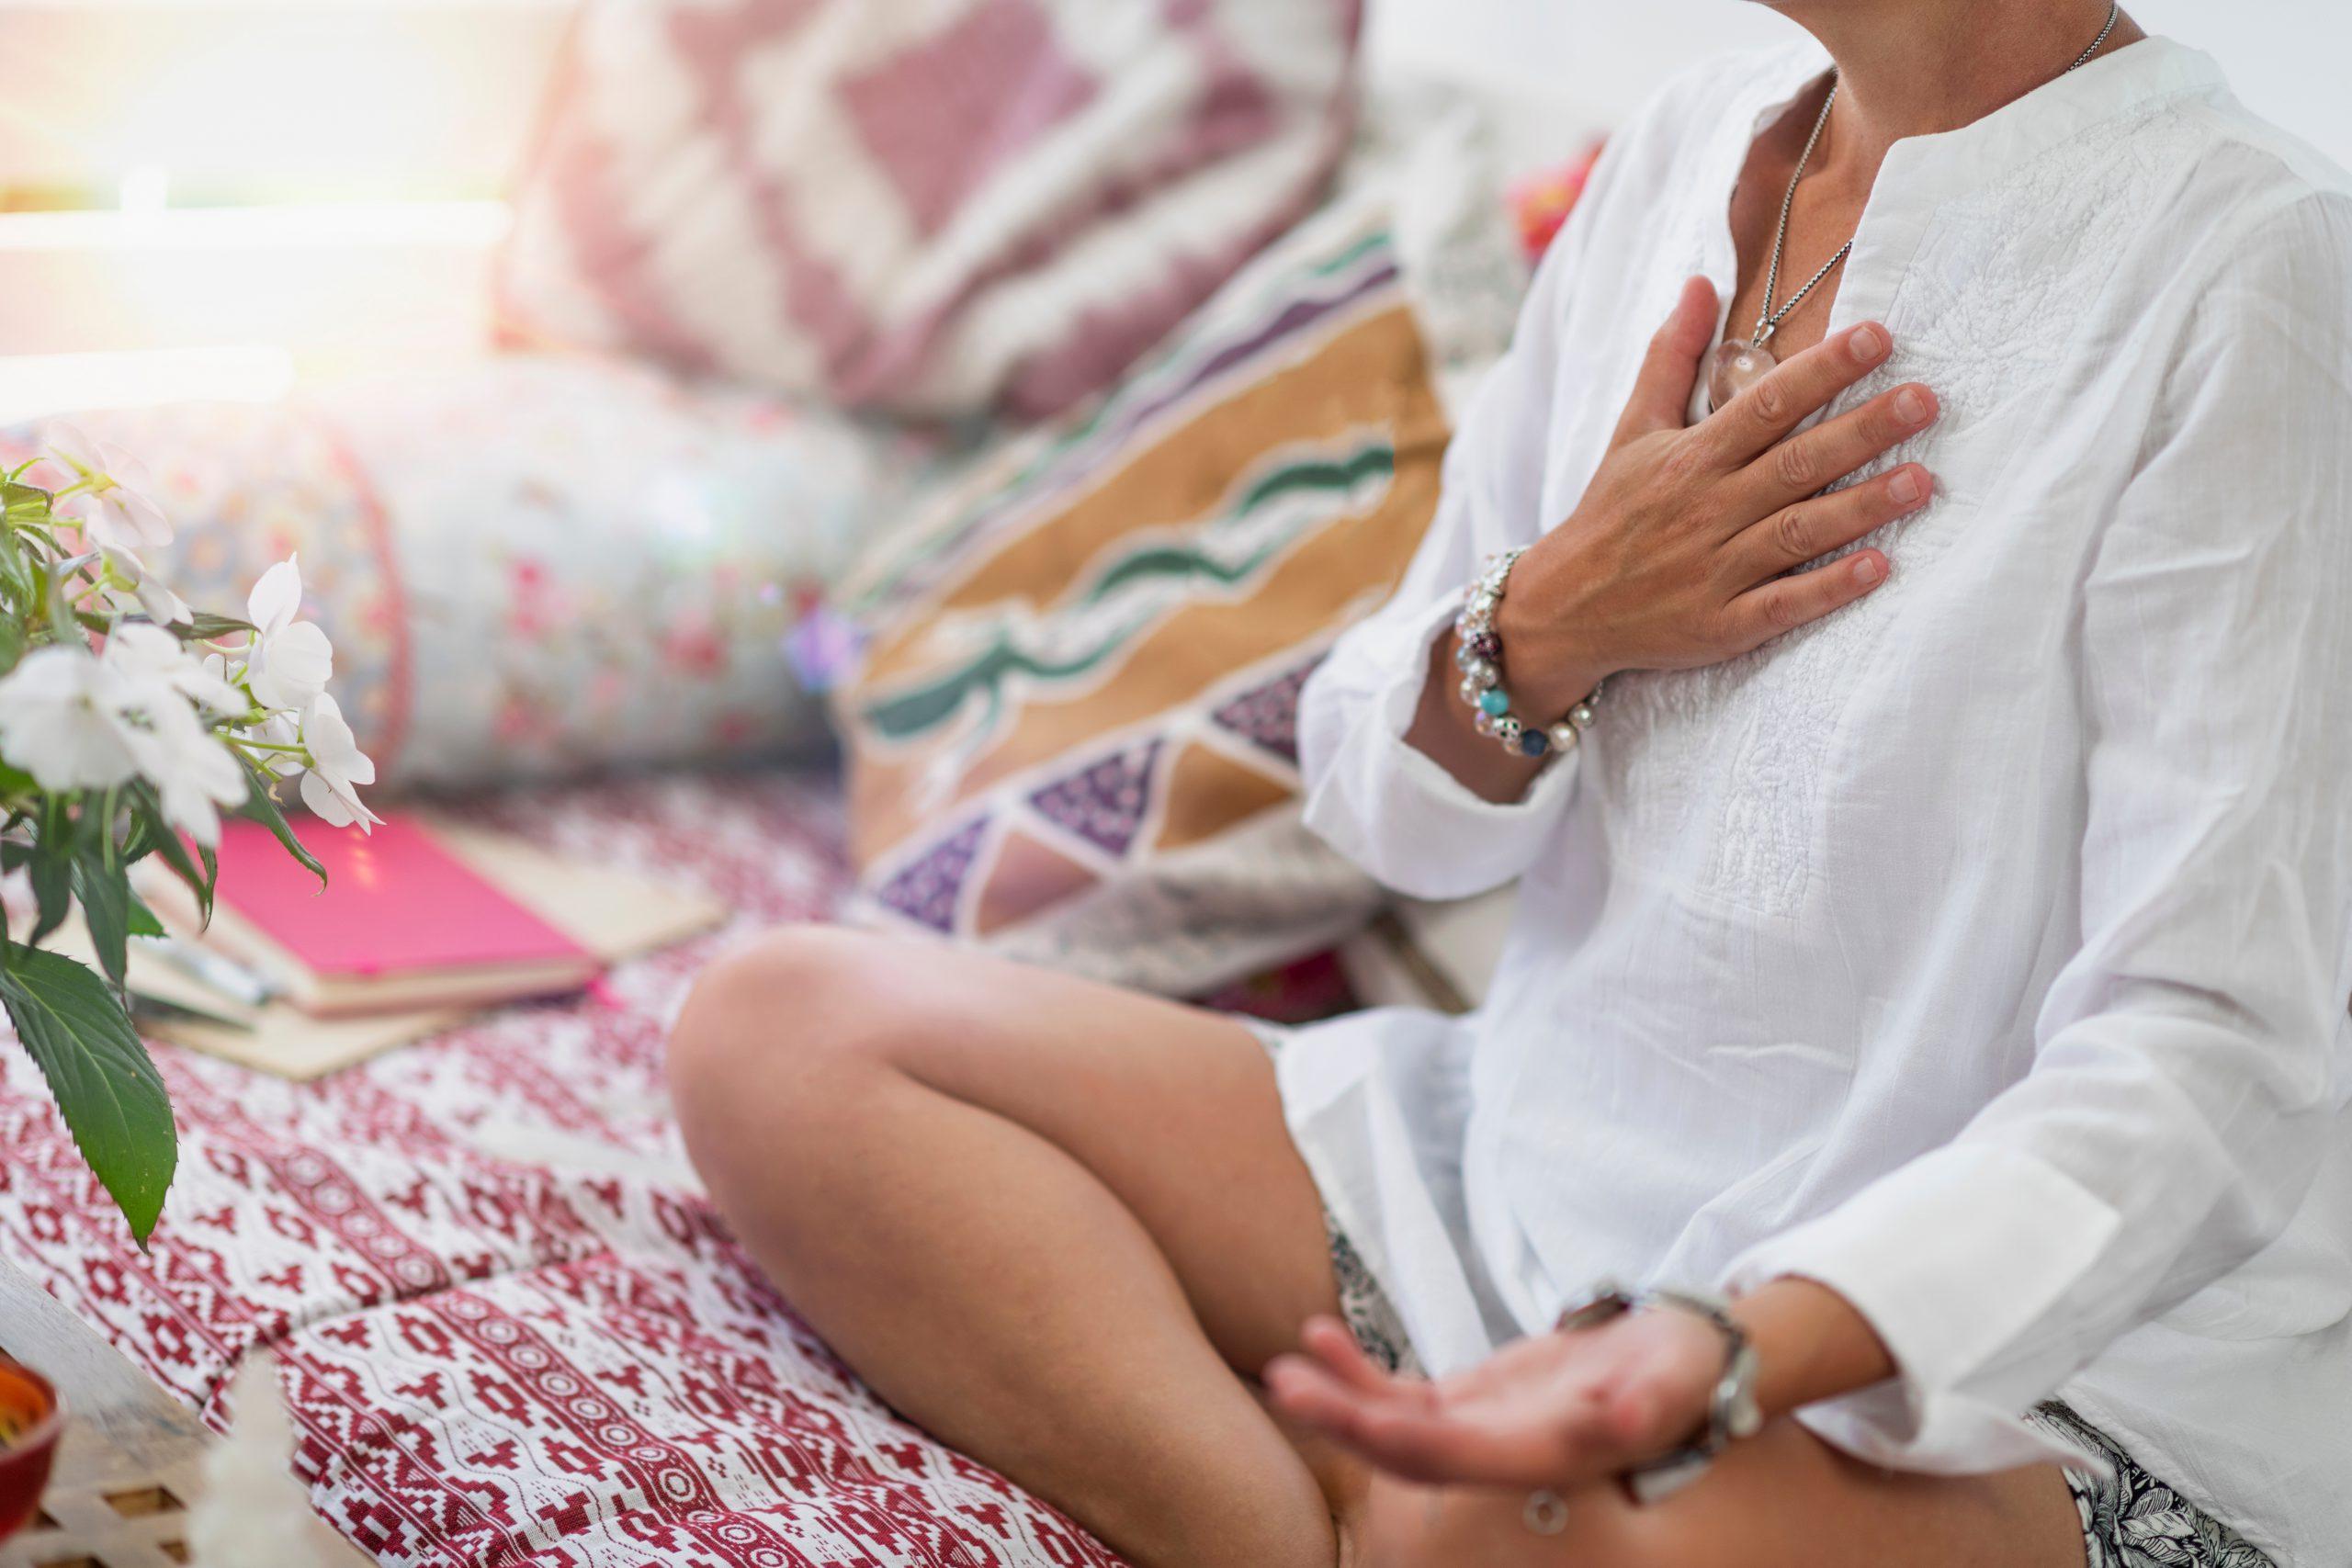 Frau meditiert im Sitzen, Entspannung, Ruhe, Ausgeglichenheit